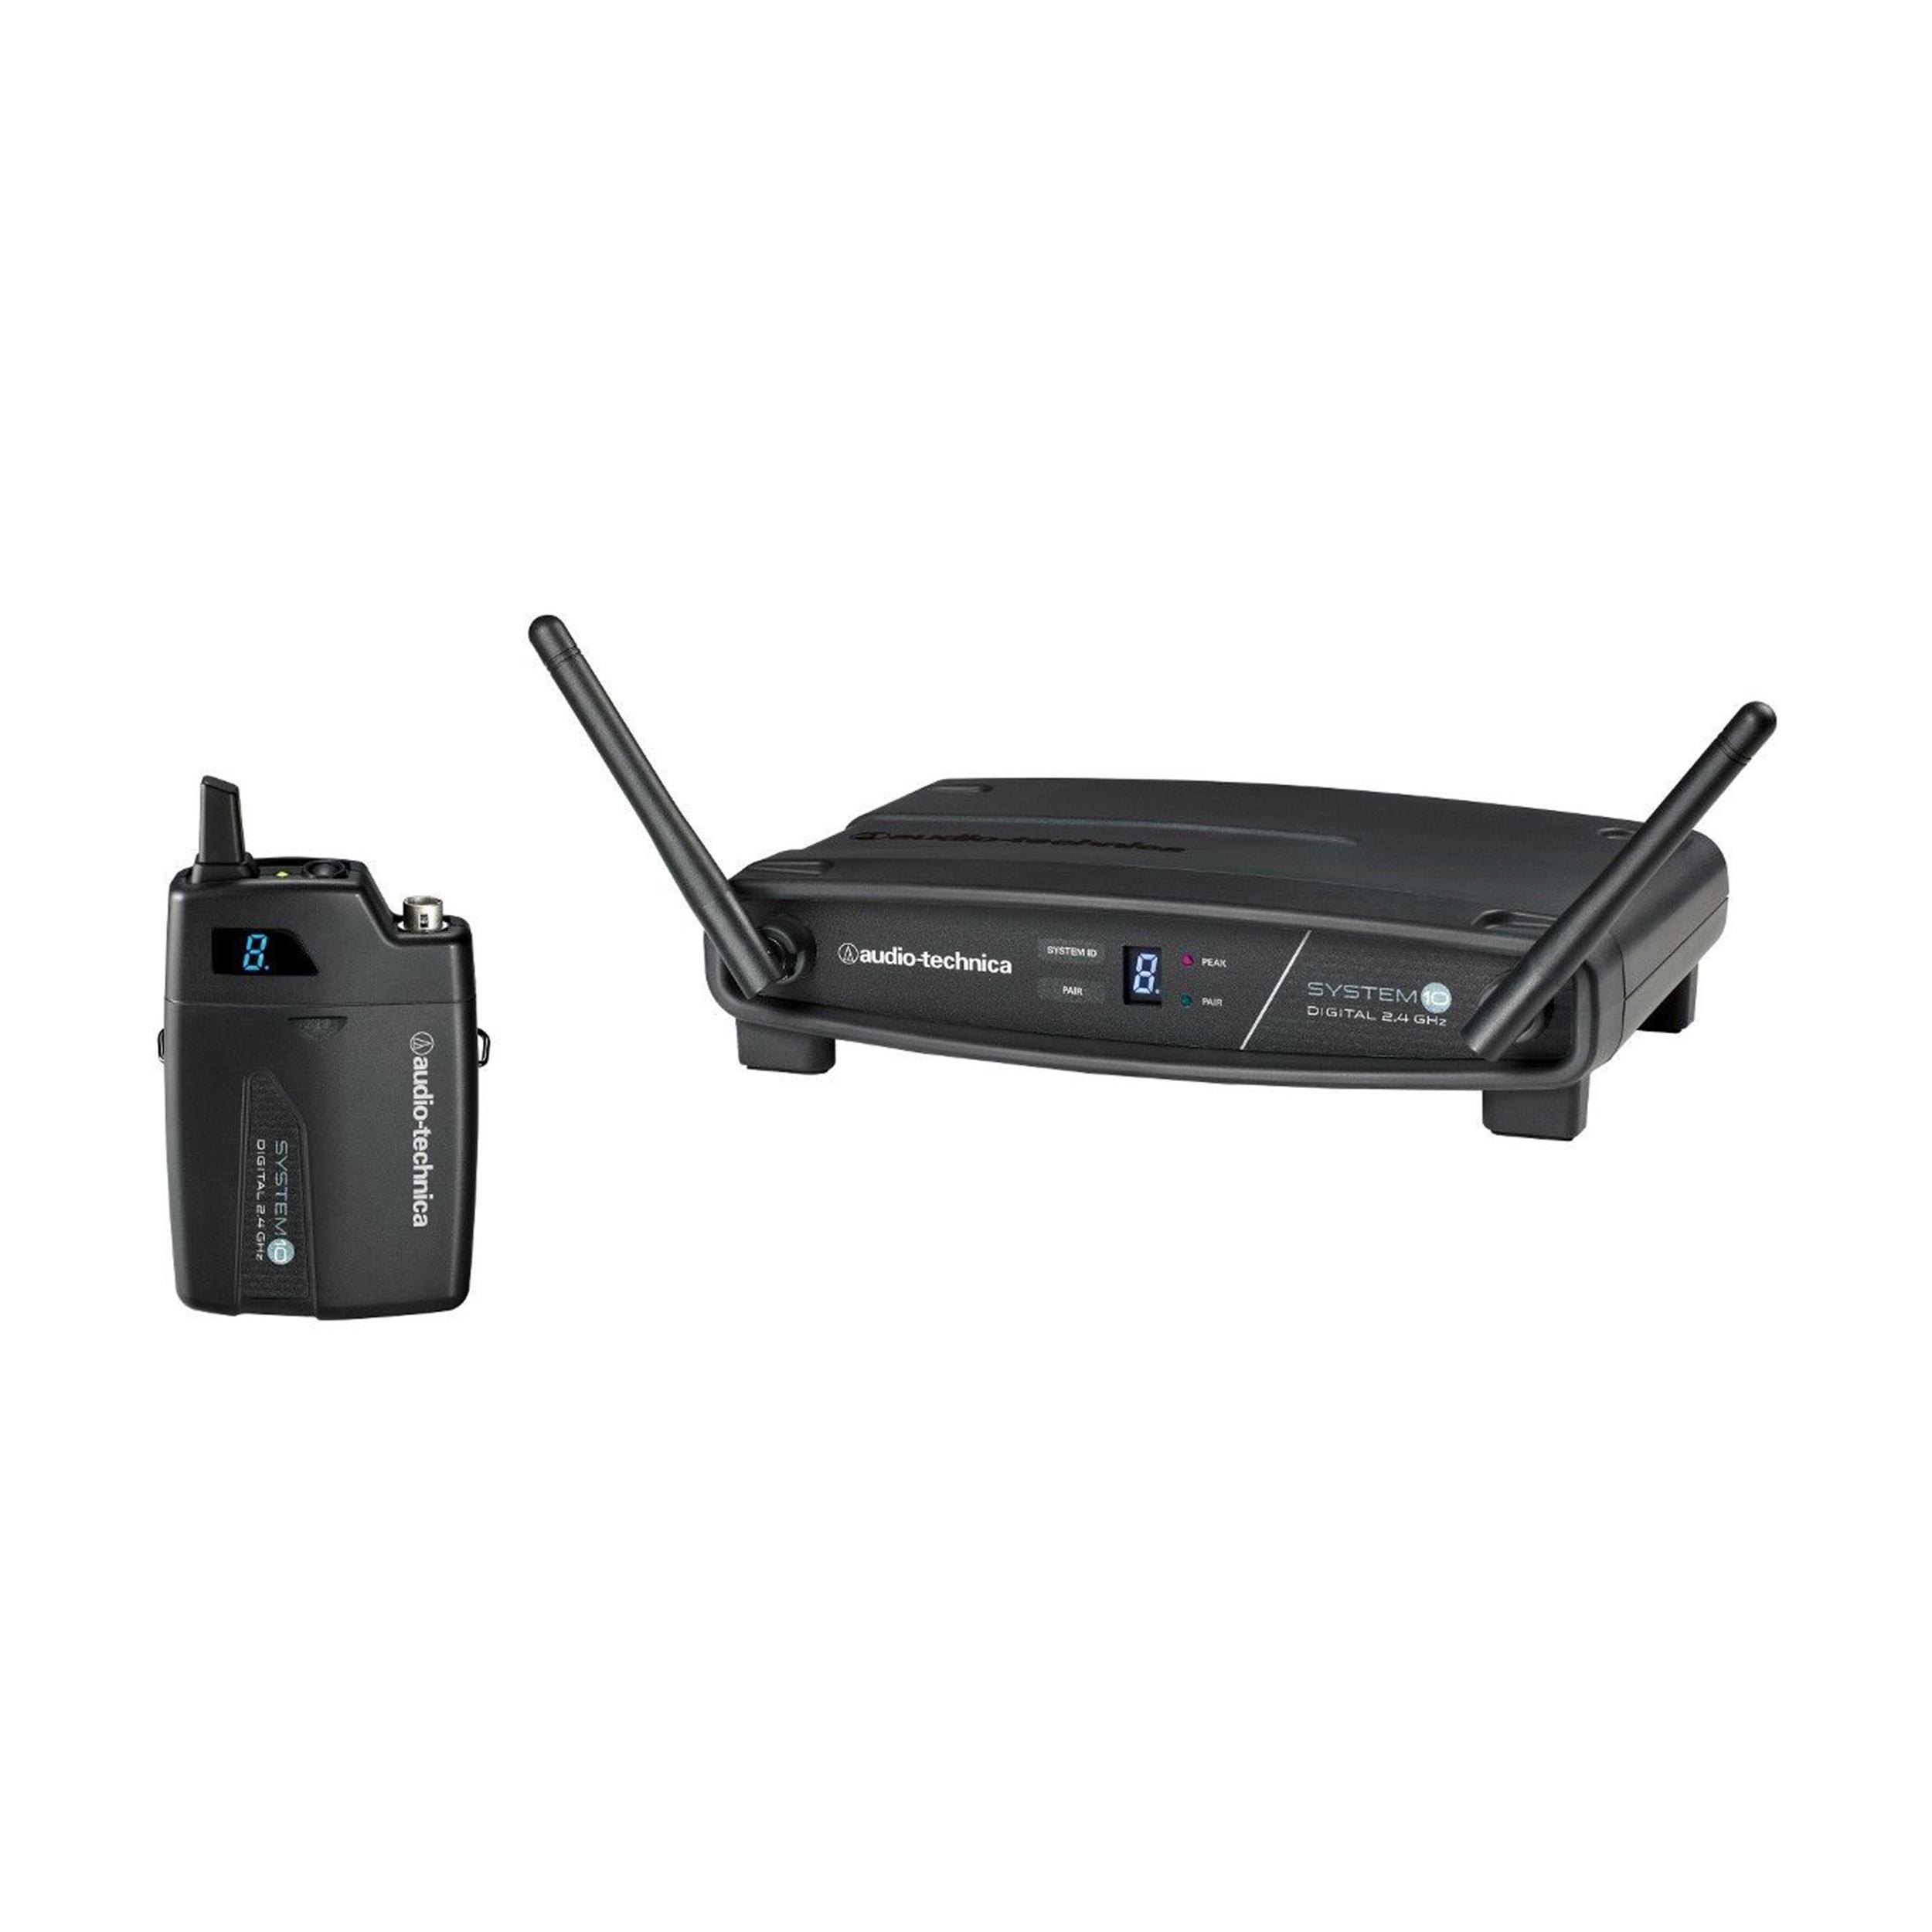 فرستنده بیسیم میکروفون آدیو-تکنیکا مدل ATW-1101EX